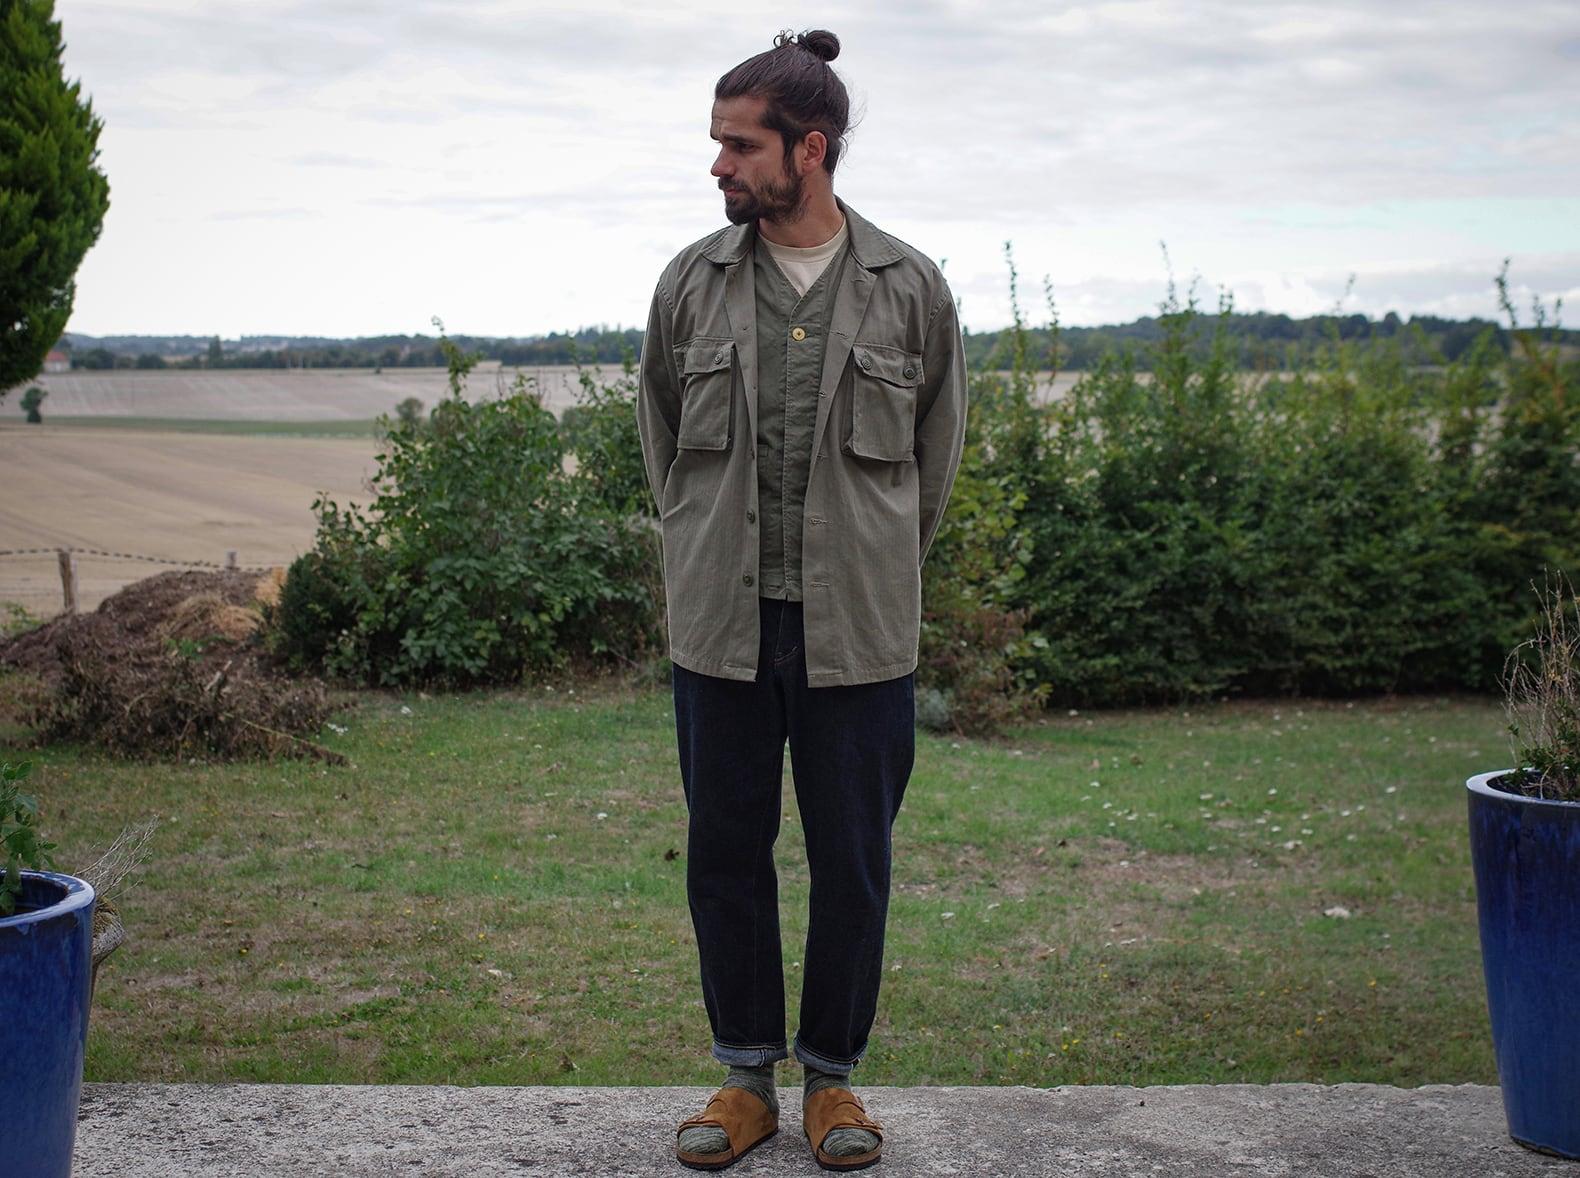 idée de look avec surchemise militaire arashi denim et jean ocupe tapered conseil style look homme